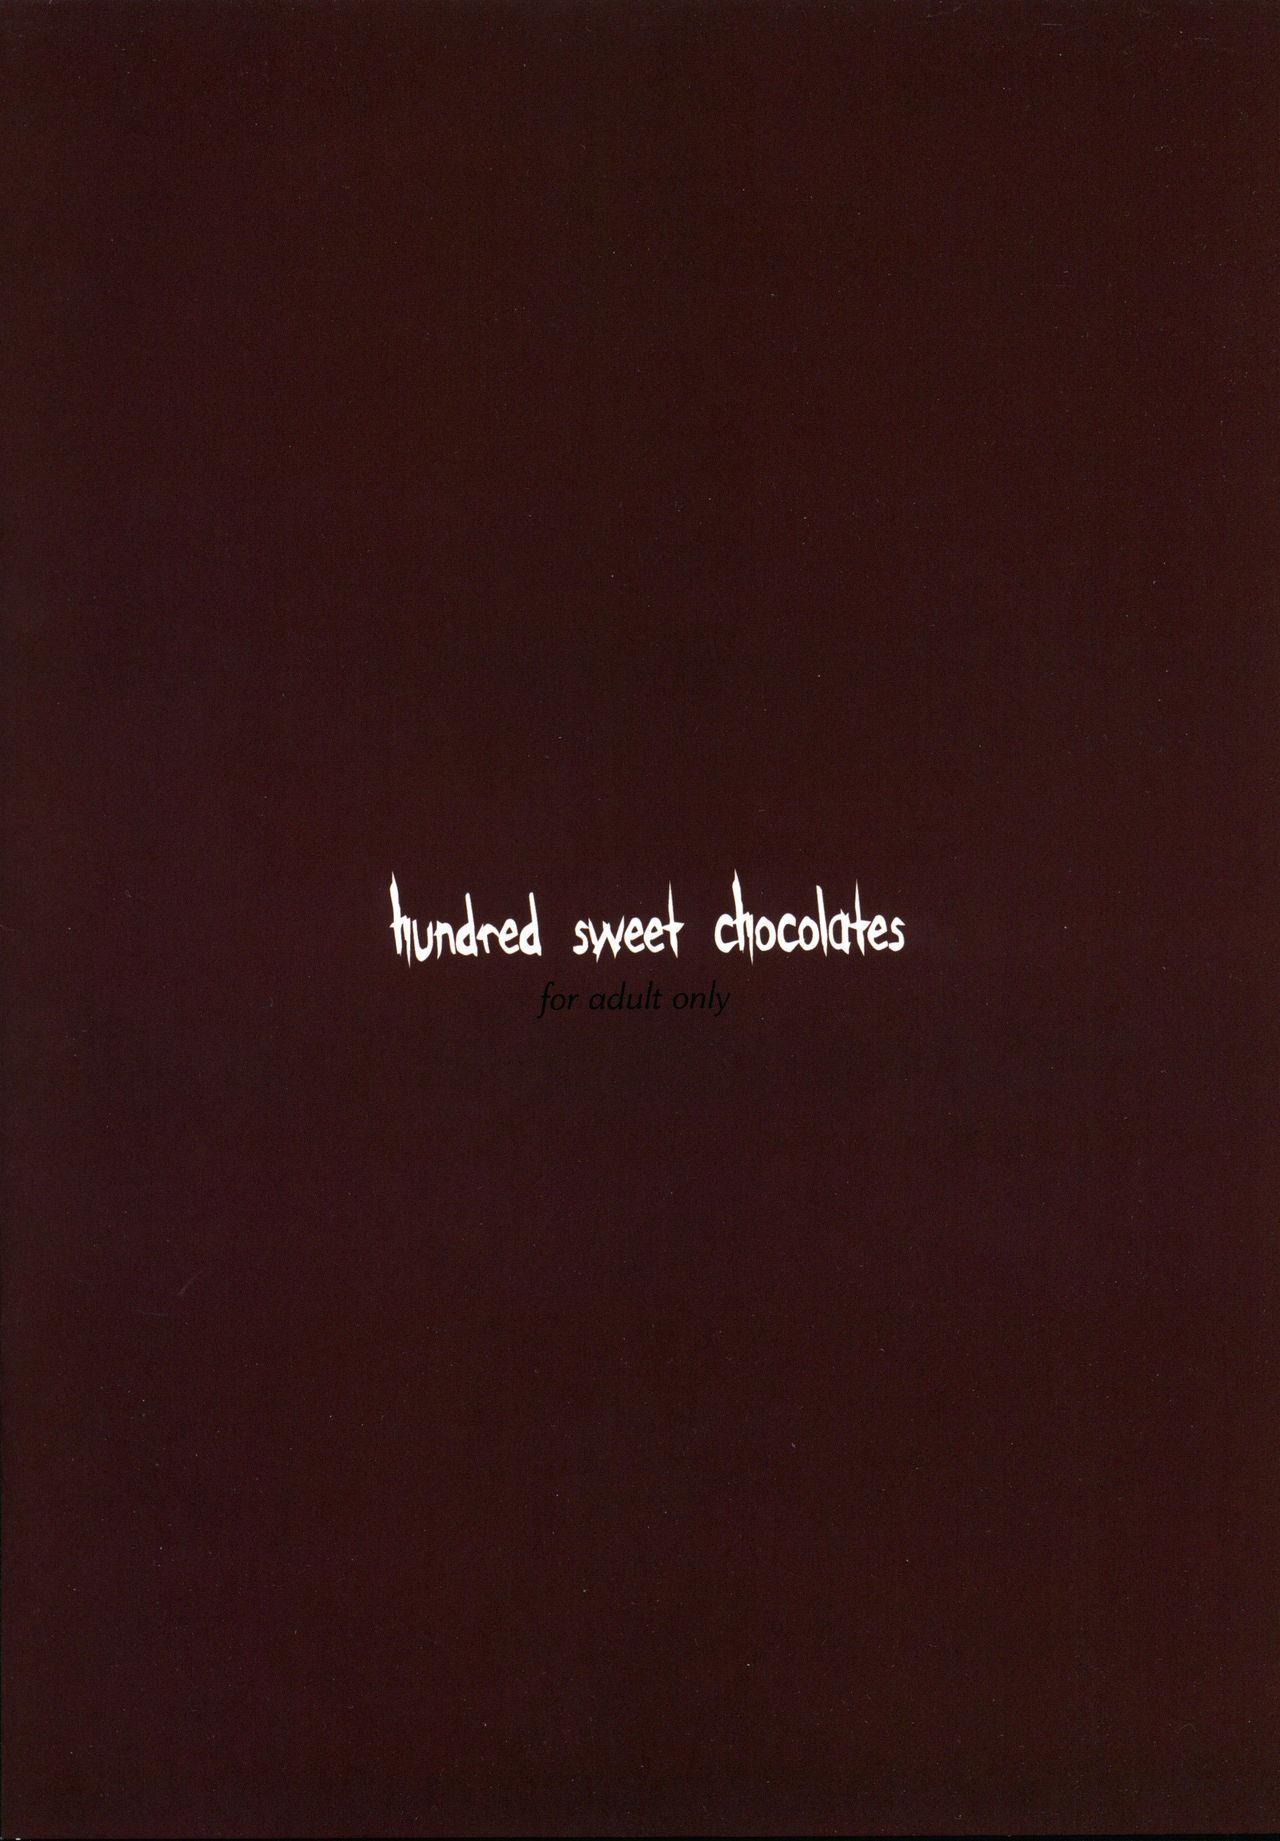 hundred sweet chocolates 11